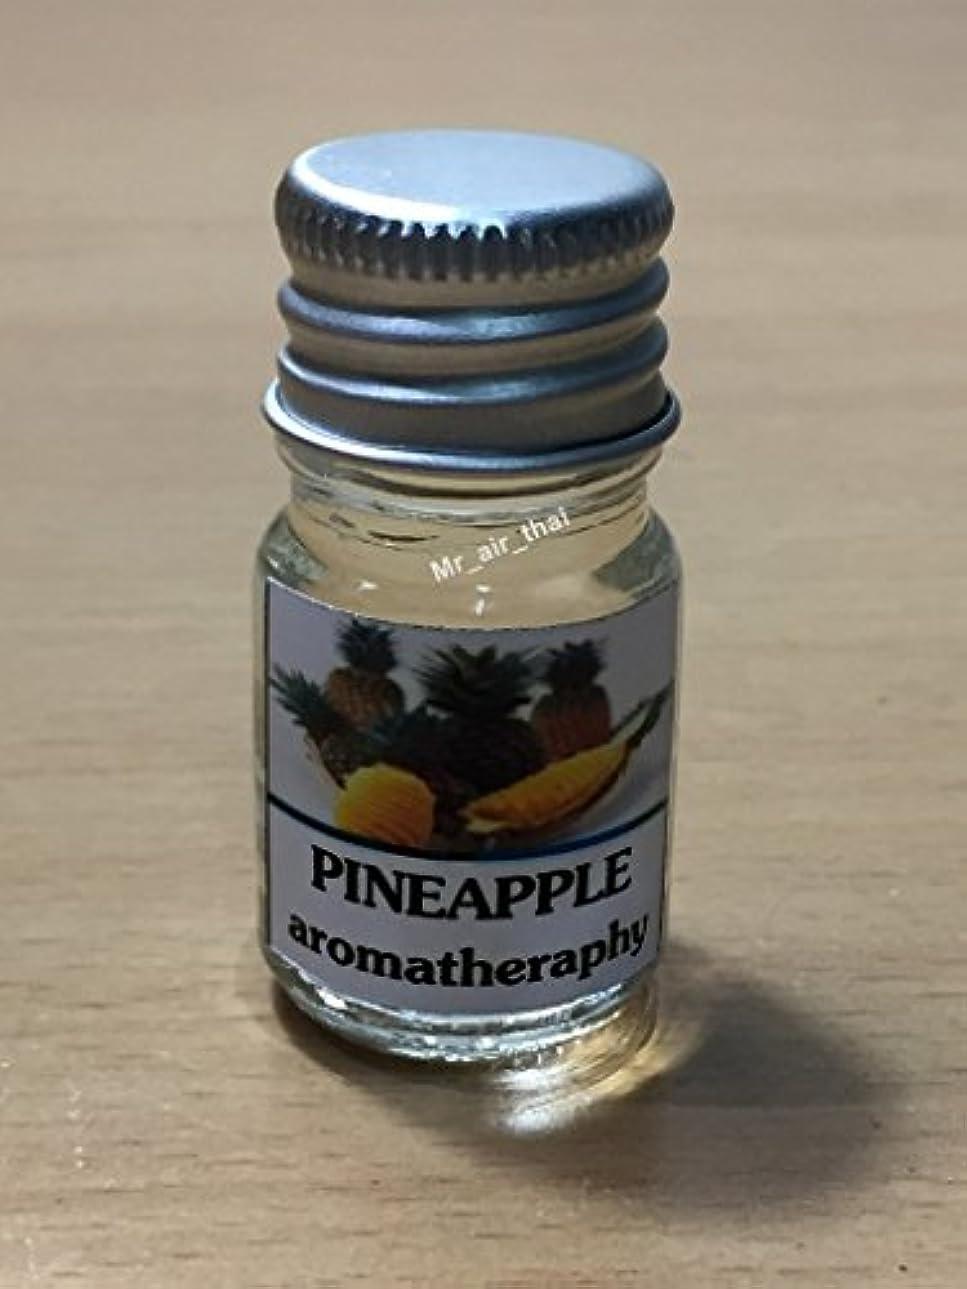 頑張る見えるコーチ5ミリリットルアロマパイナップルフランクインセンスエッセンシャルオイルボトルアロマテラピーオイル自然自然5ml Aroma Pineapple Frankincense Essential Oil Bottles Aromatherapy Oils natural nature